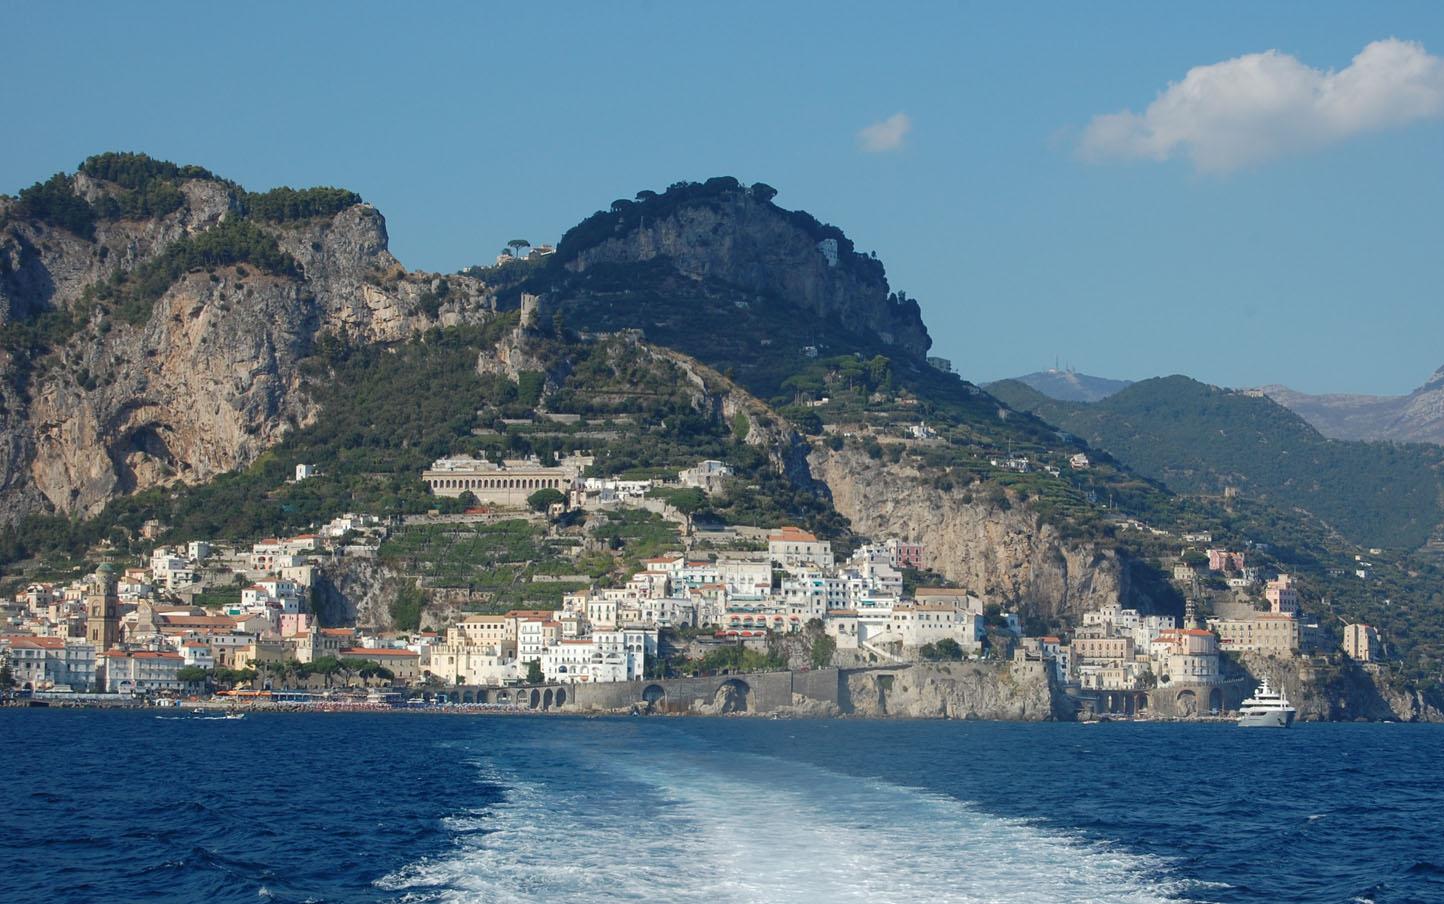 Affitto Monolocale Mare Amalfi